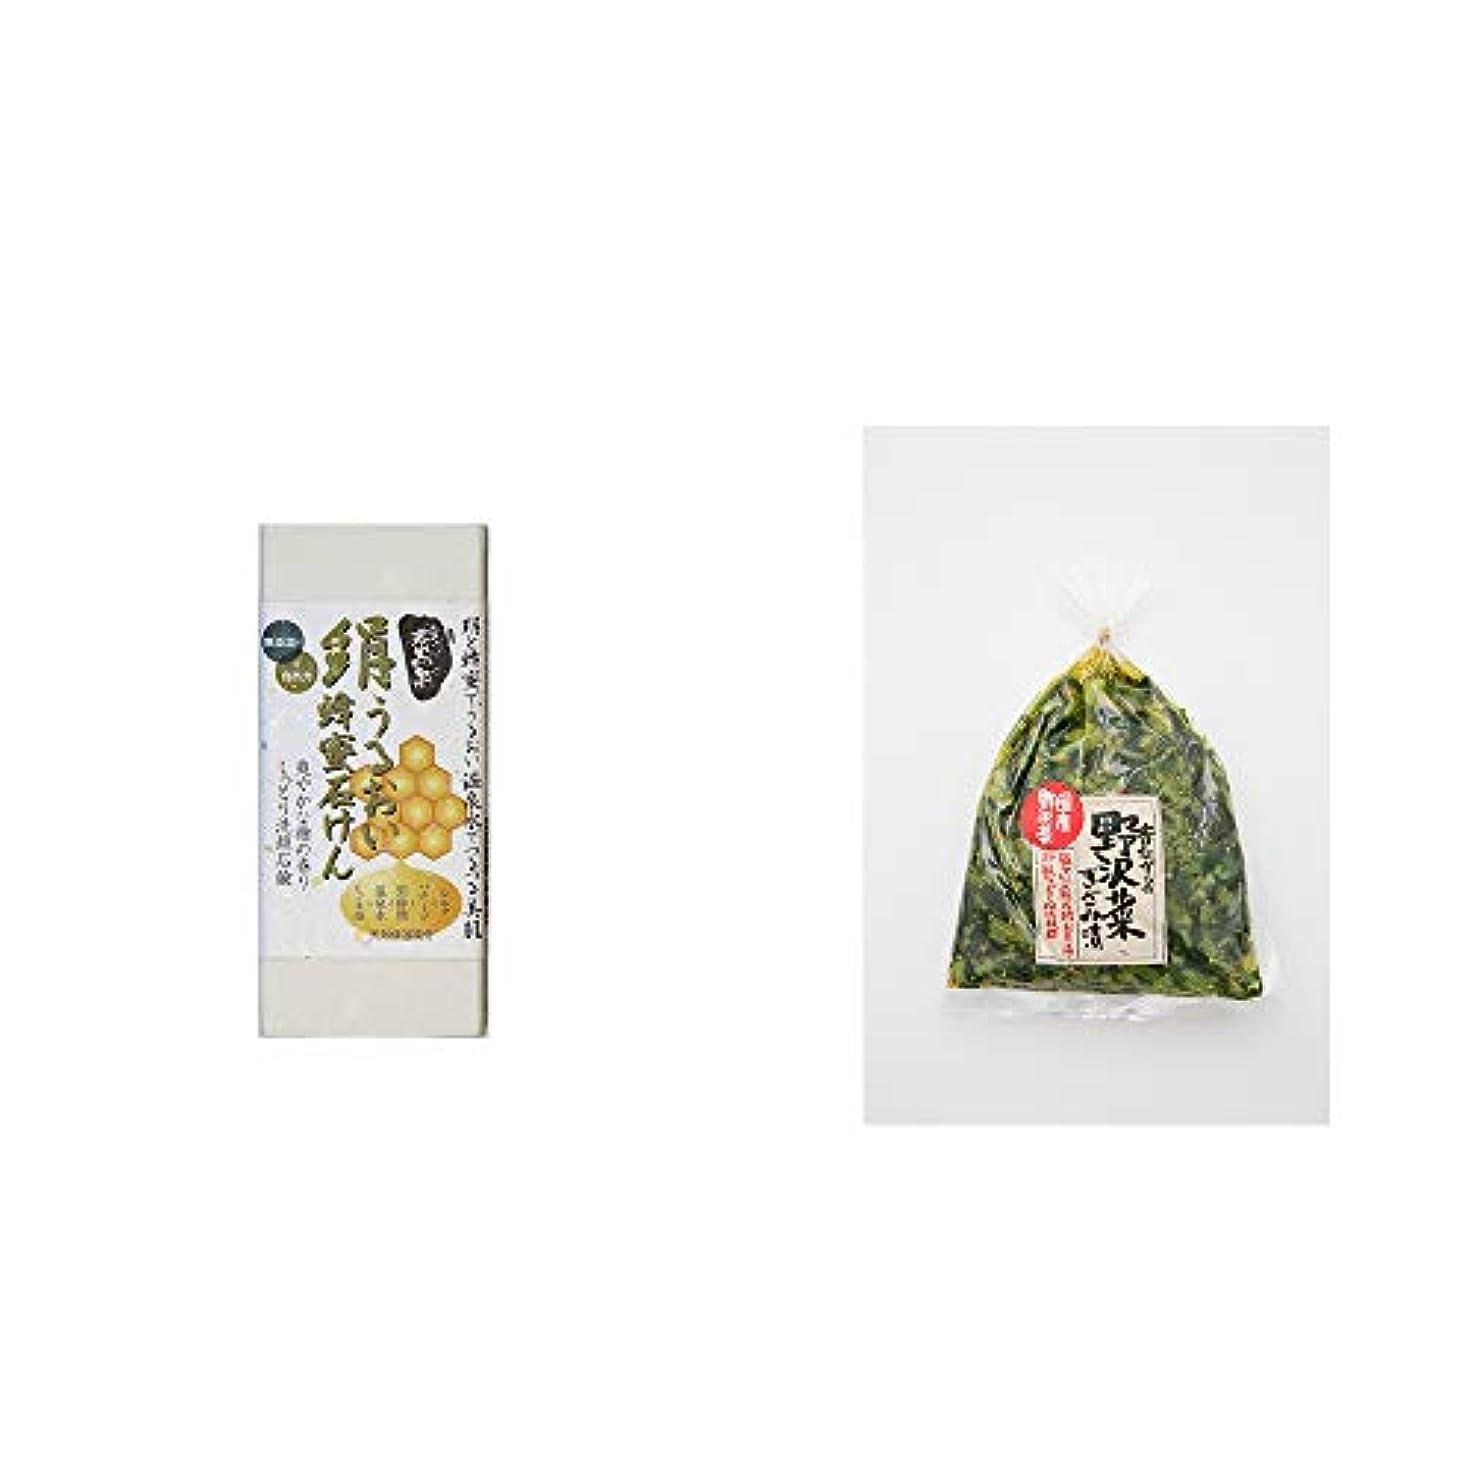 くちばし誠意カウント[2点セット] ひのき炭黒泉 絹うるおい蜂蜜石けん(75g×2)?国産 昔ながらの野沢菜きざみ漬け(150g)